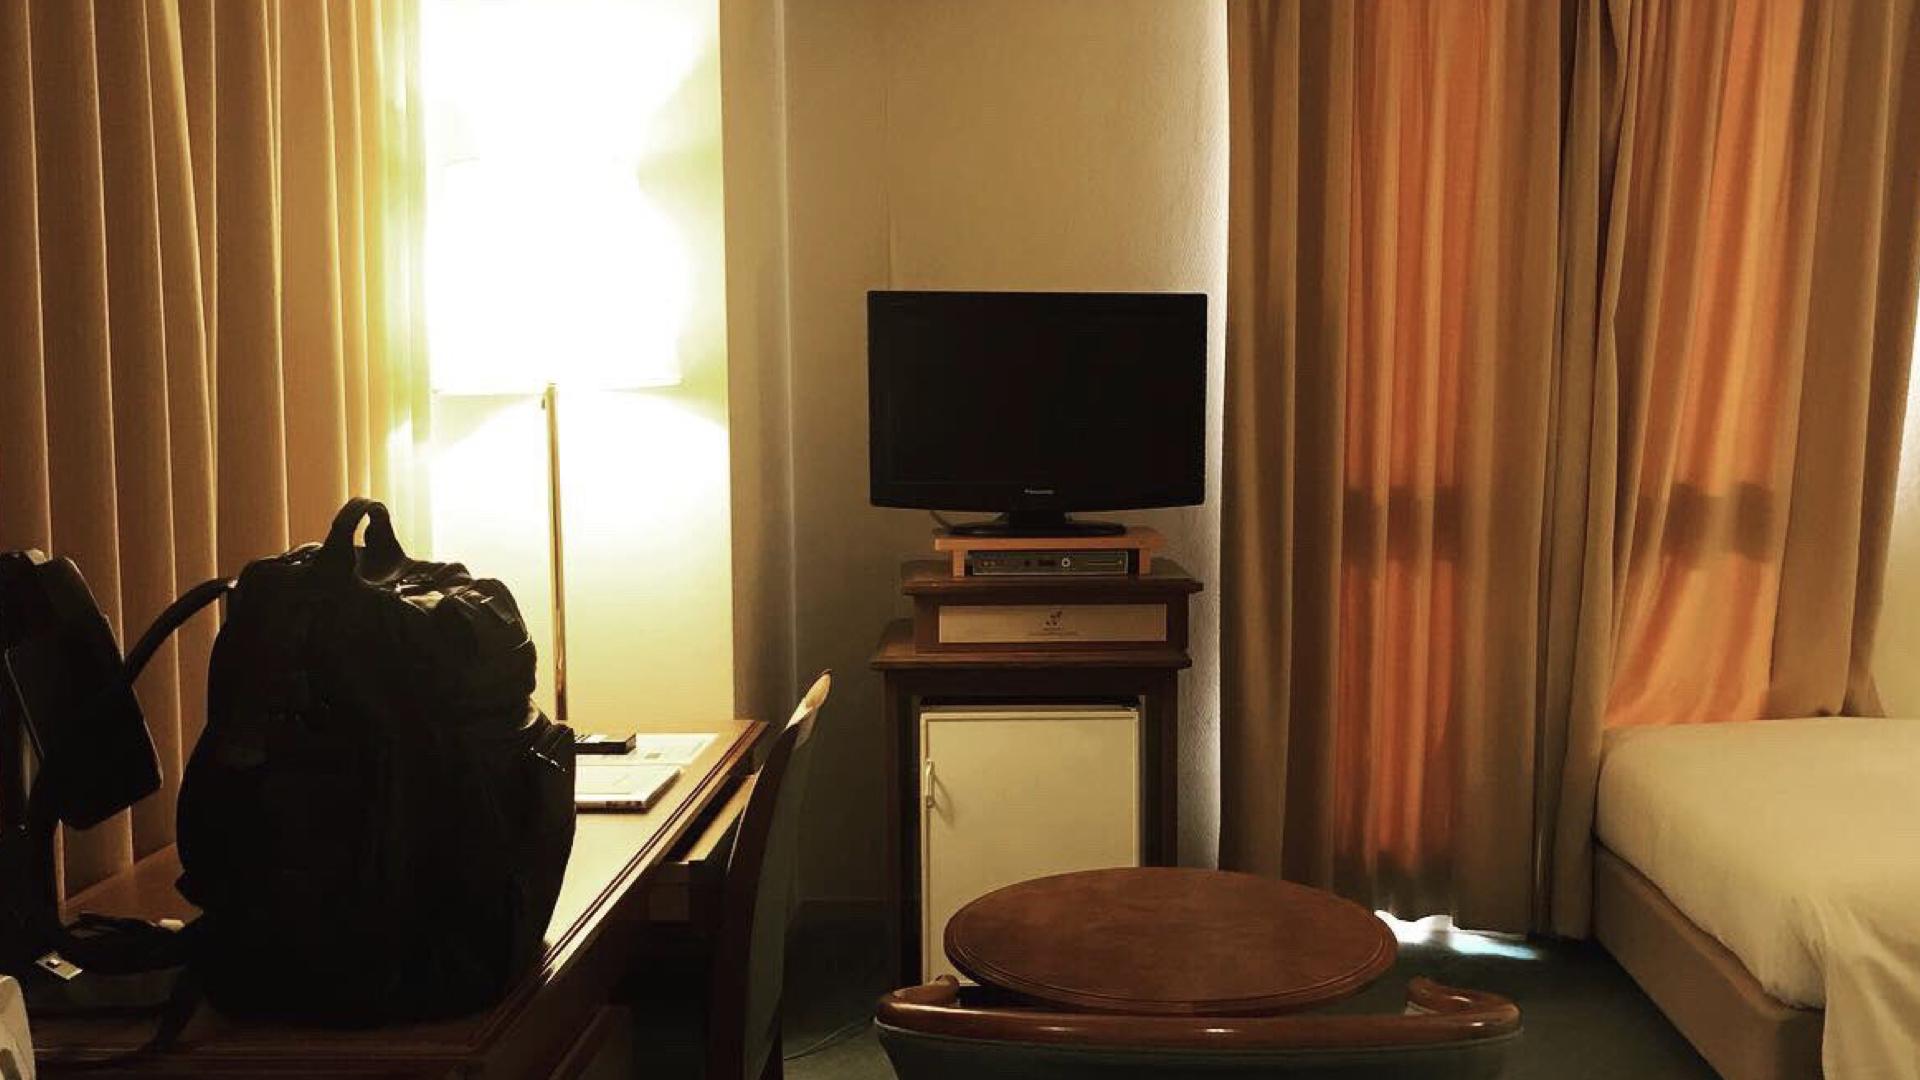 長崎県大村市のホテルの中の画像